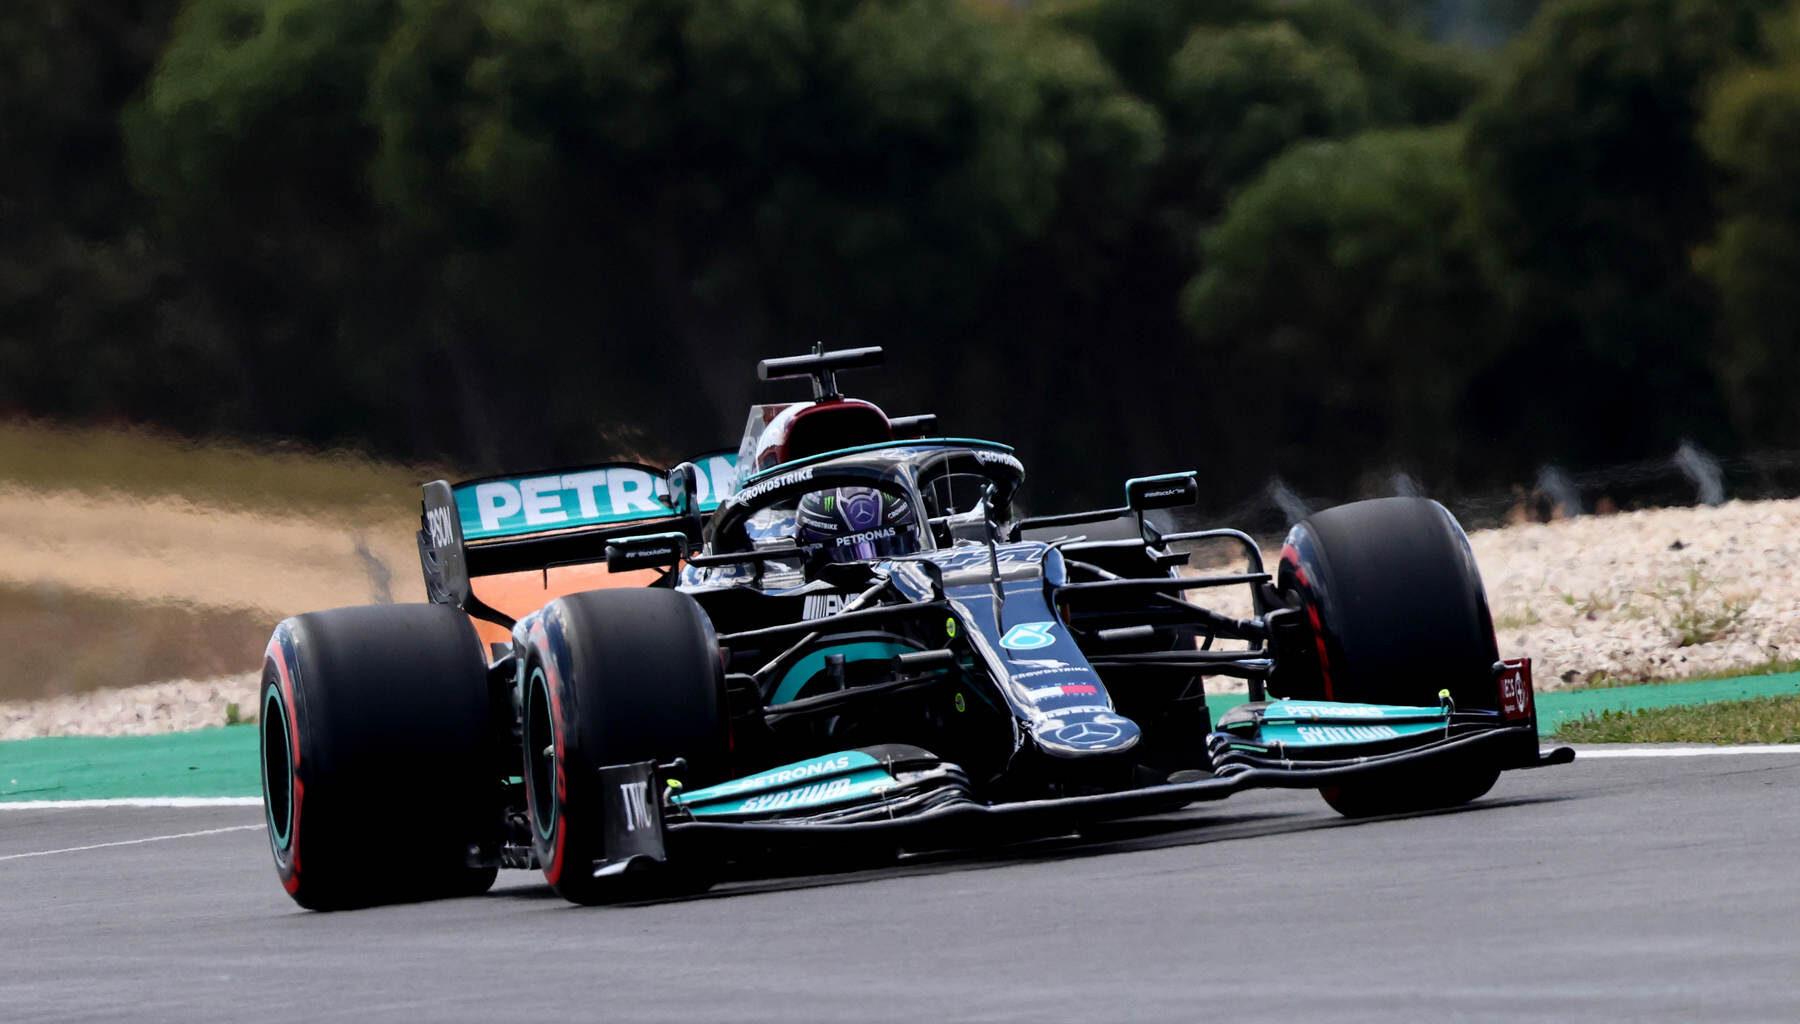 Daimler наскоро ќе ја изгуби целосната контрола над F1 тимот